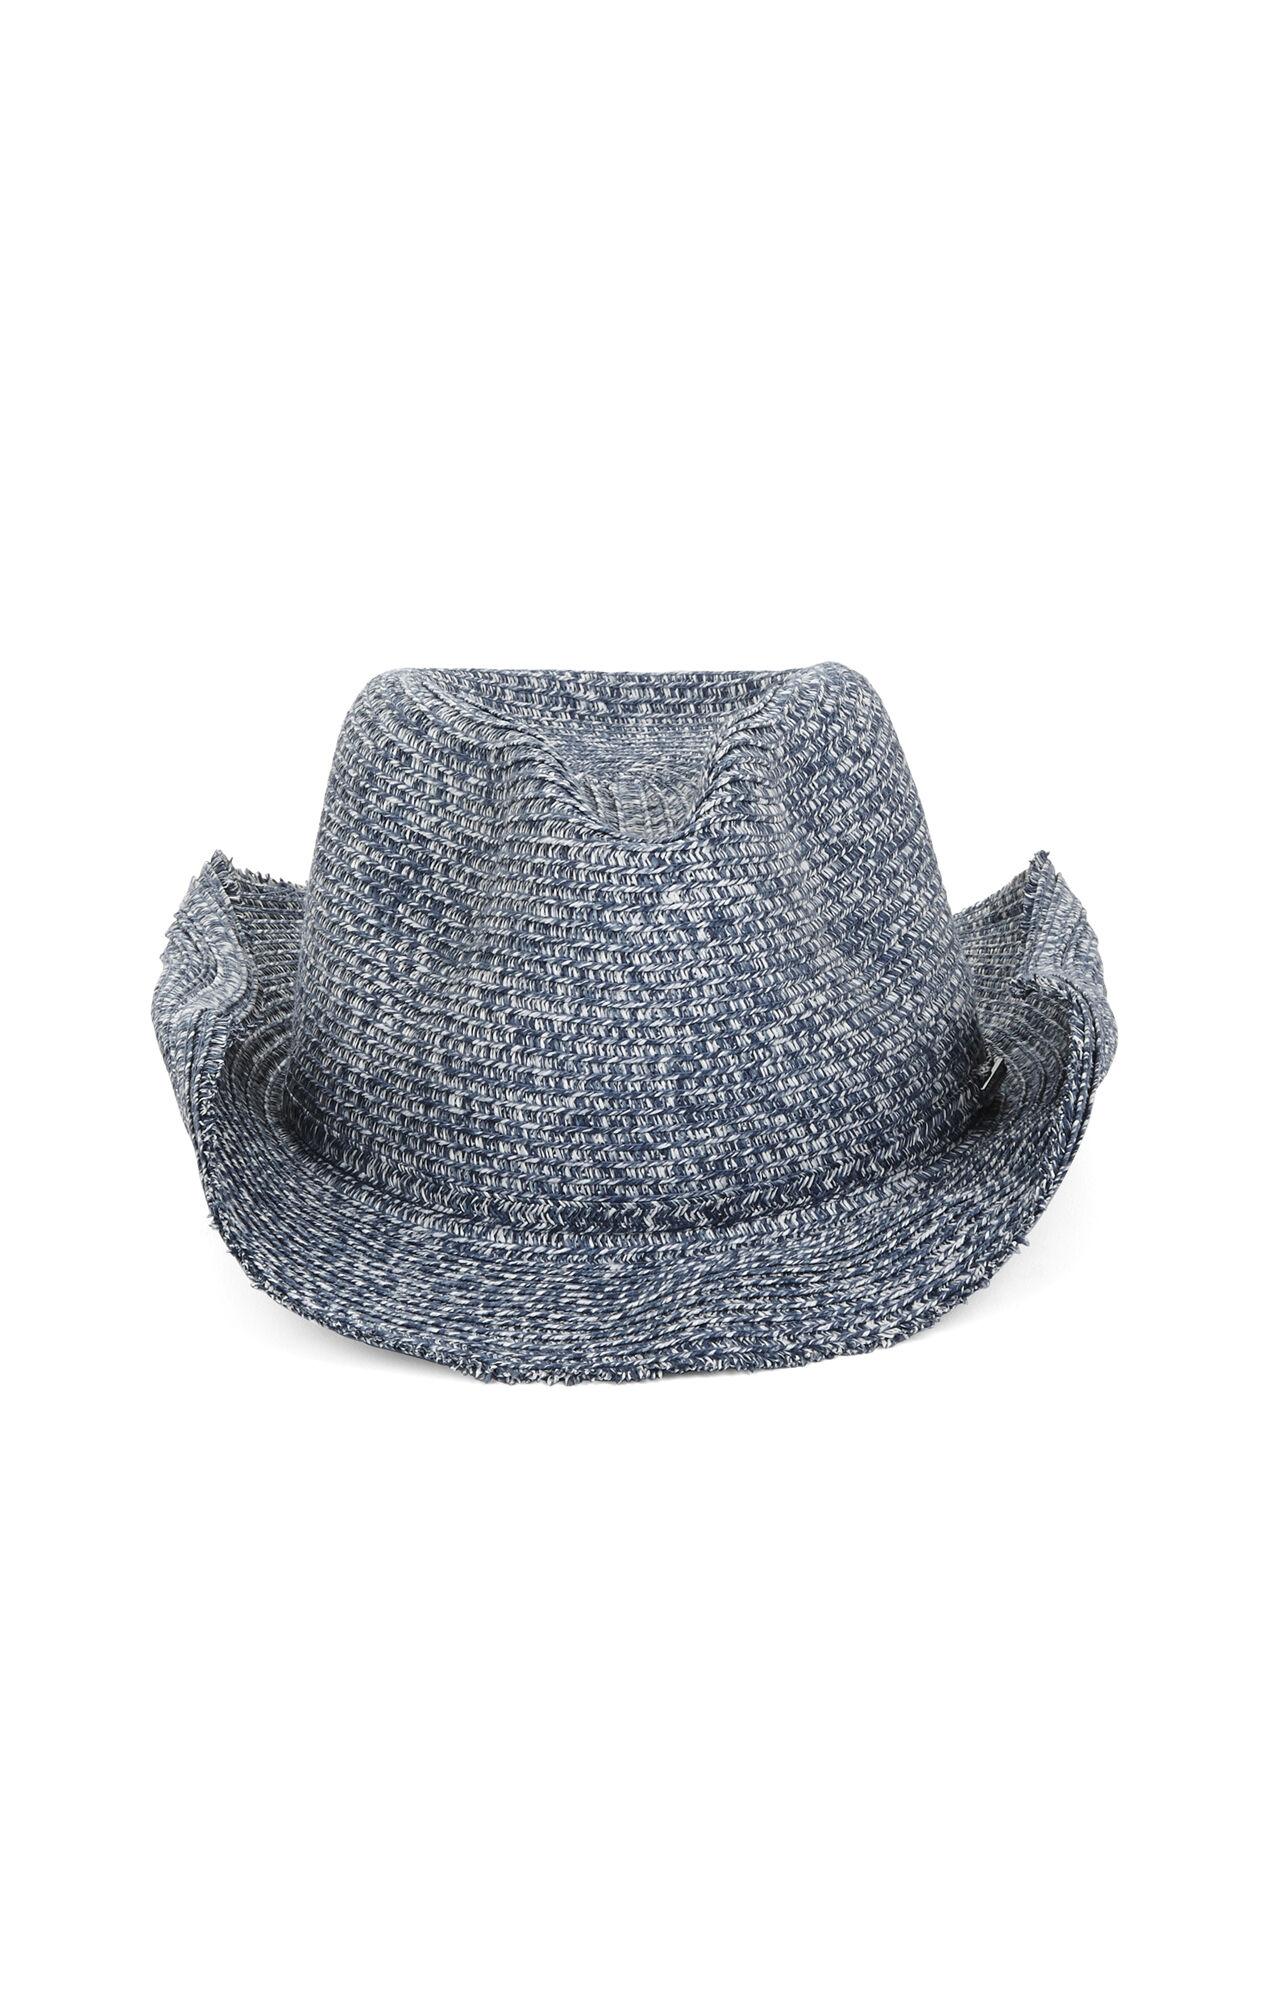 Frayed Cowboy Hat